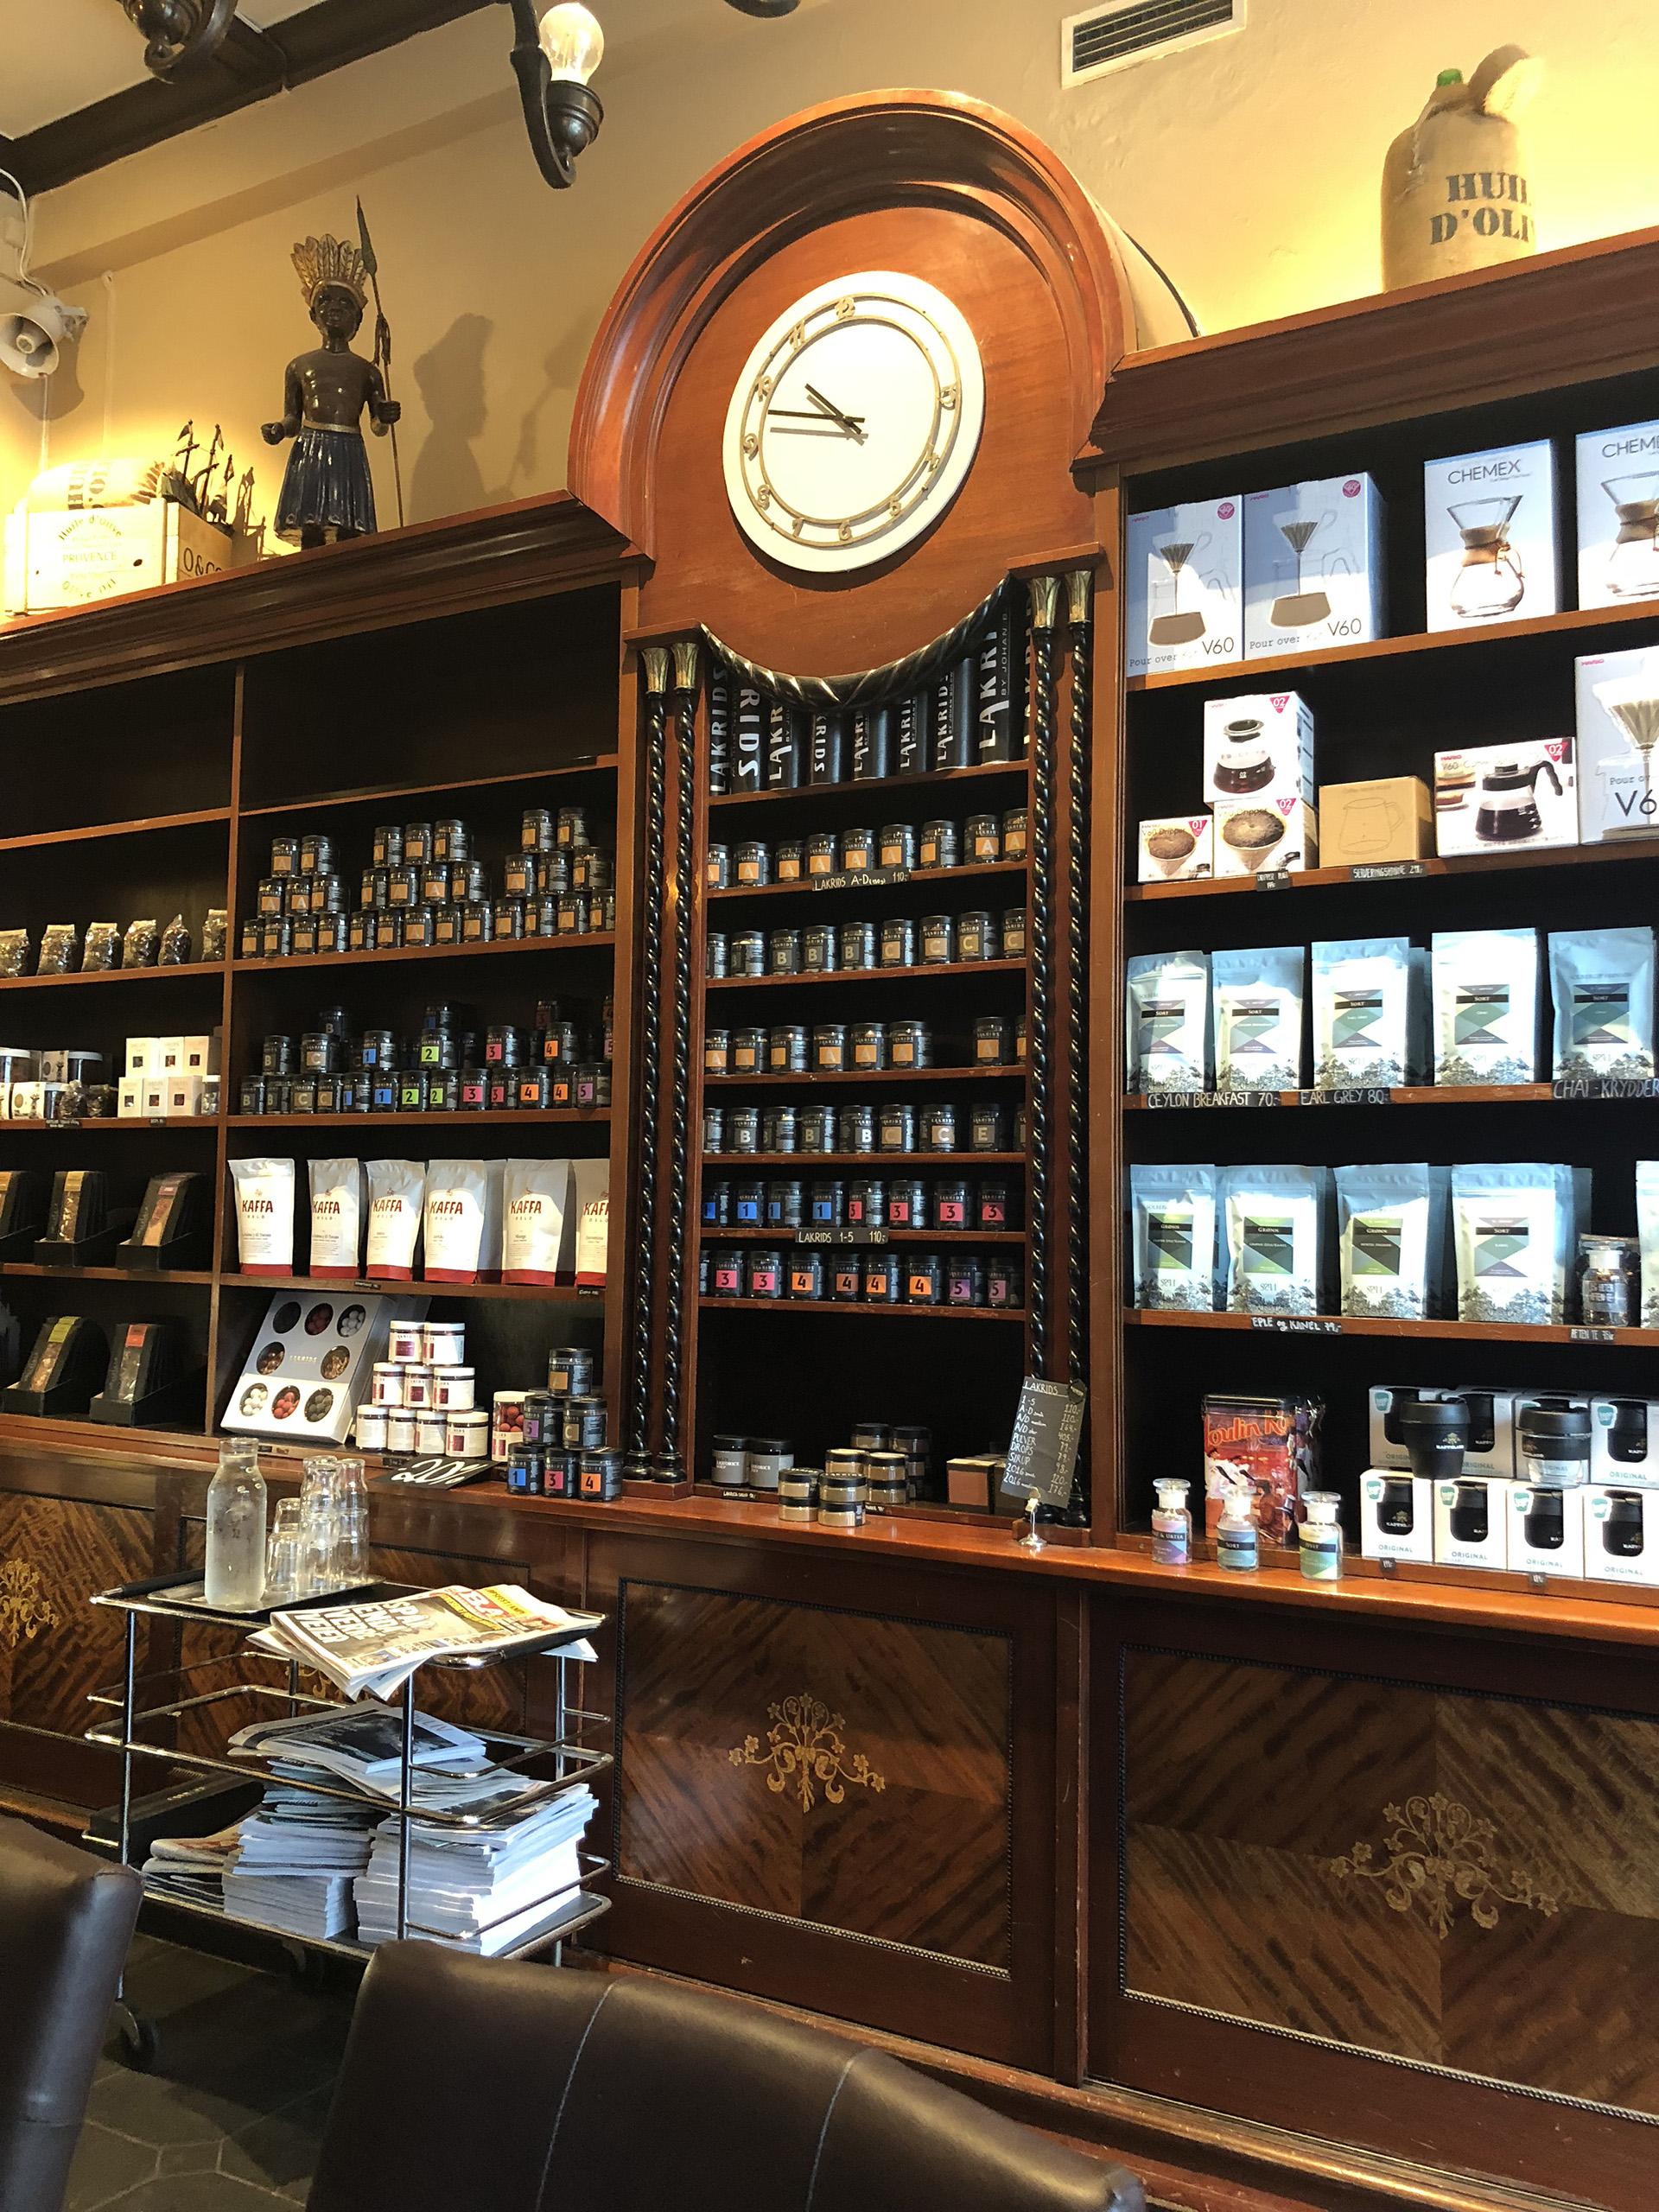 Bilde av innsiden av butikken. Det er godt bevart forretningsinteriør frå mellomkrigstida.. Foto er tatt av Linn Brox, Riksantikvaren